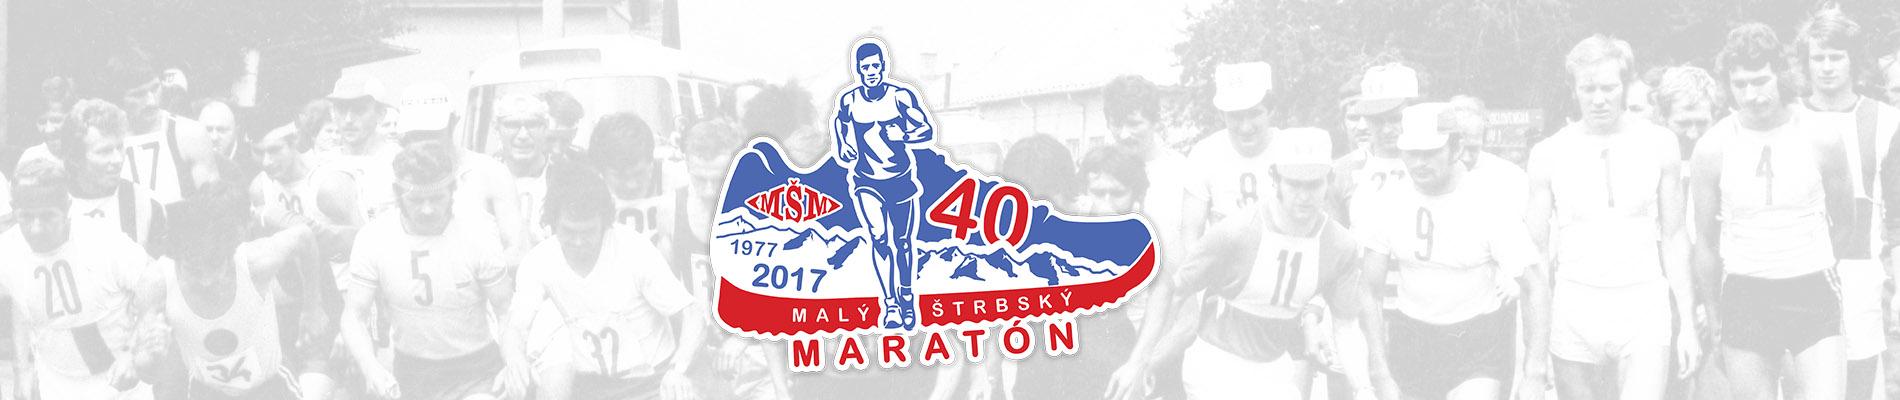 O traťový rekord na vypredanom 40. ročníku Malého štrbského maratónu budú bojovať najlepší slovenskí maratónci aj pretekári z Kene